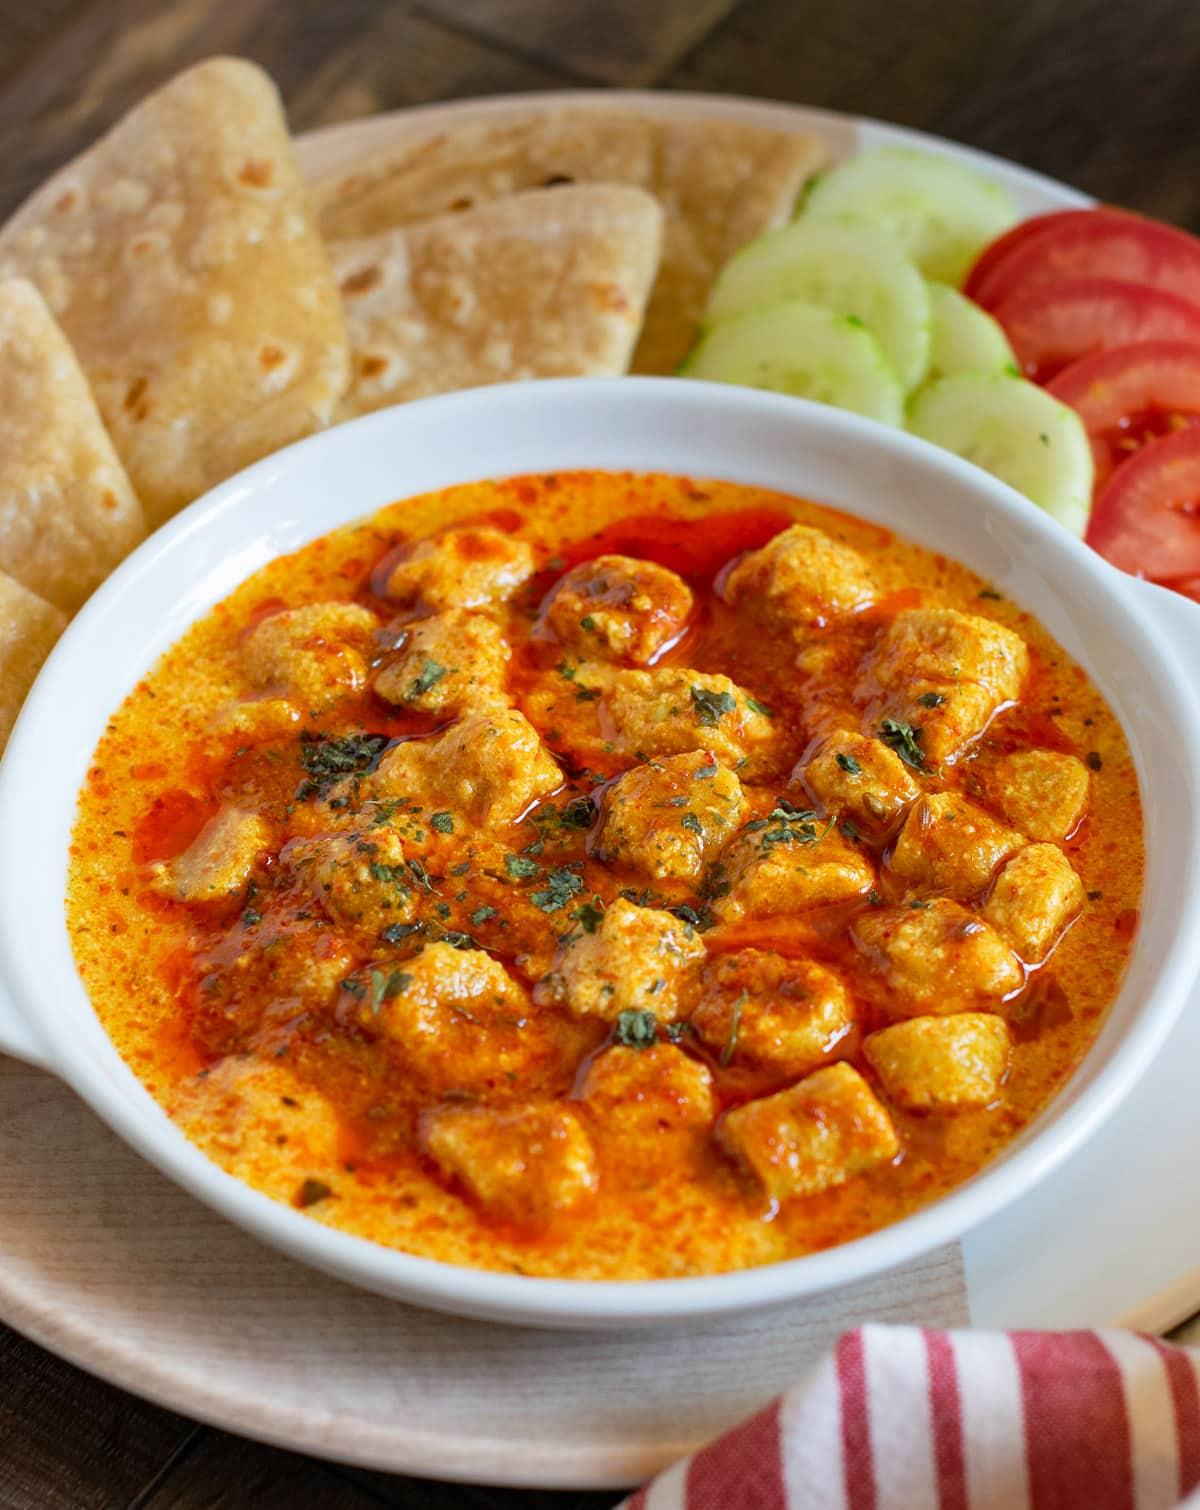 jain besan gatte ki sabji served in a white bowl